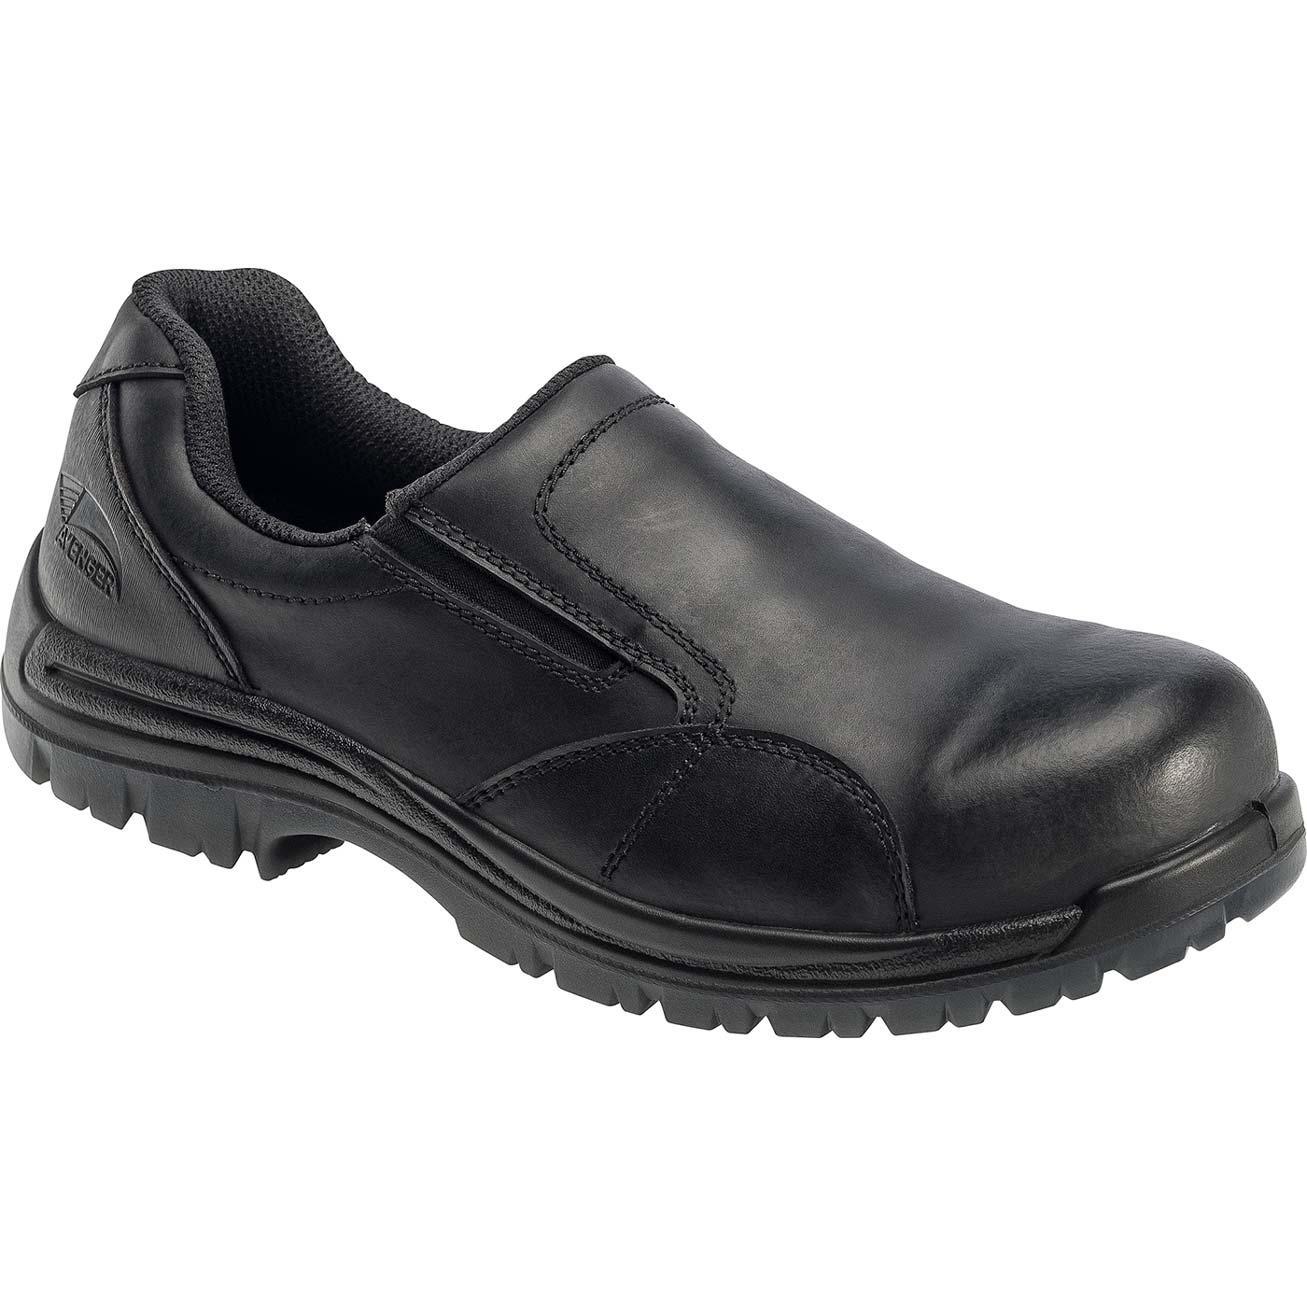 avenger composite toe work slip on shoe a7107. Black Bedroom Furniture Sets. Home Design Ideas